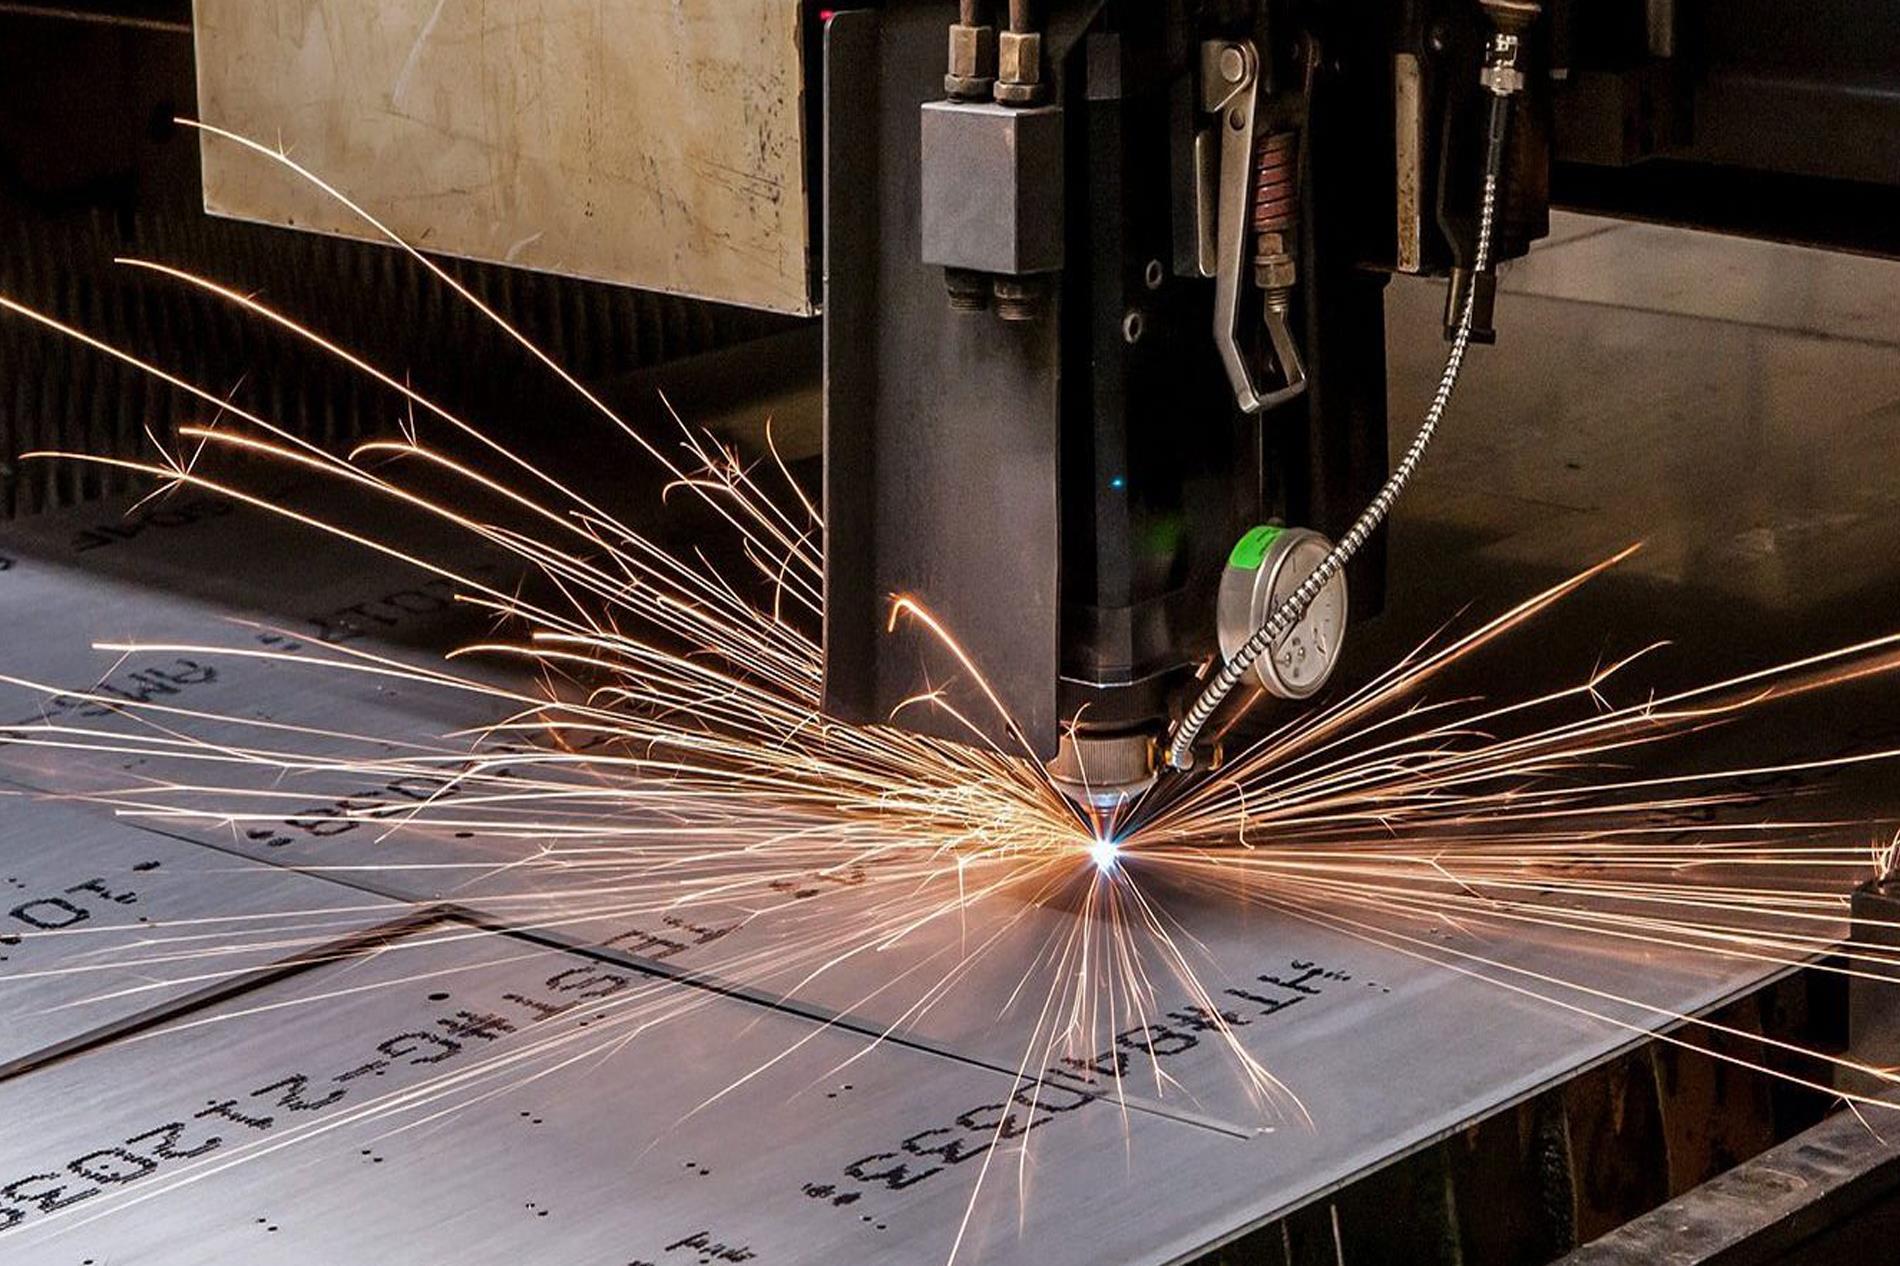 برش لیزری مصرف بسیار پایینی از انرژی دارد - گروه صنعتی ایران فلز